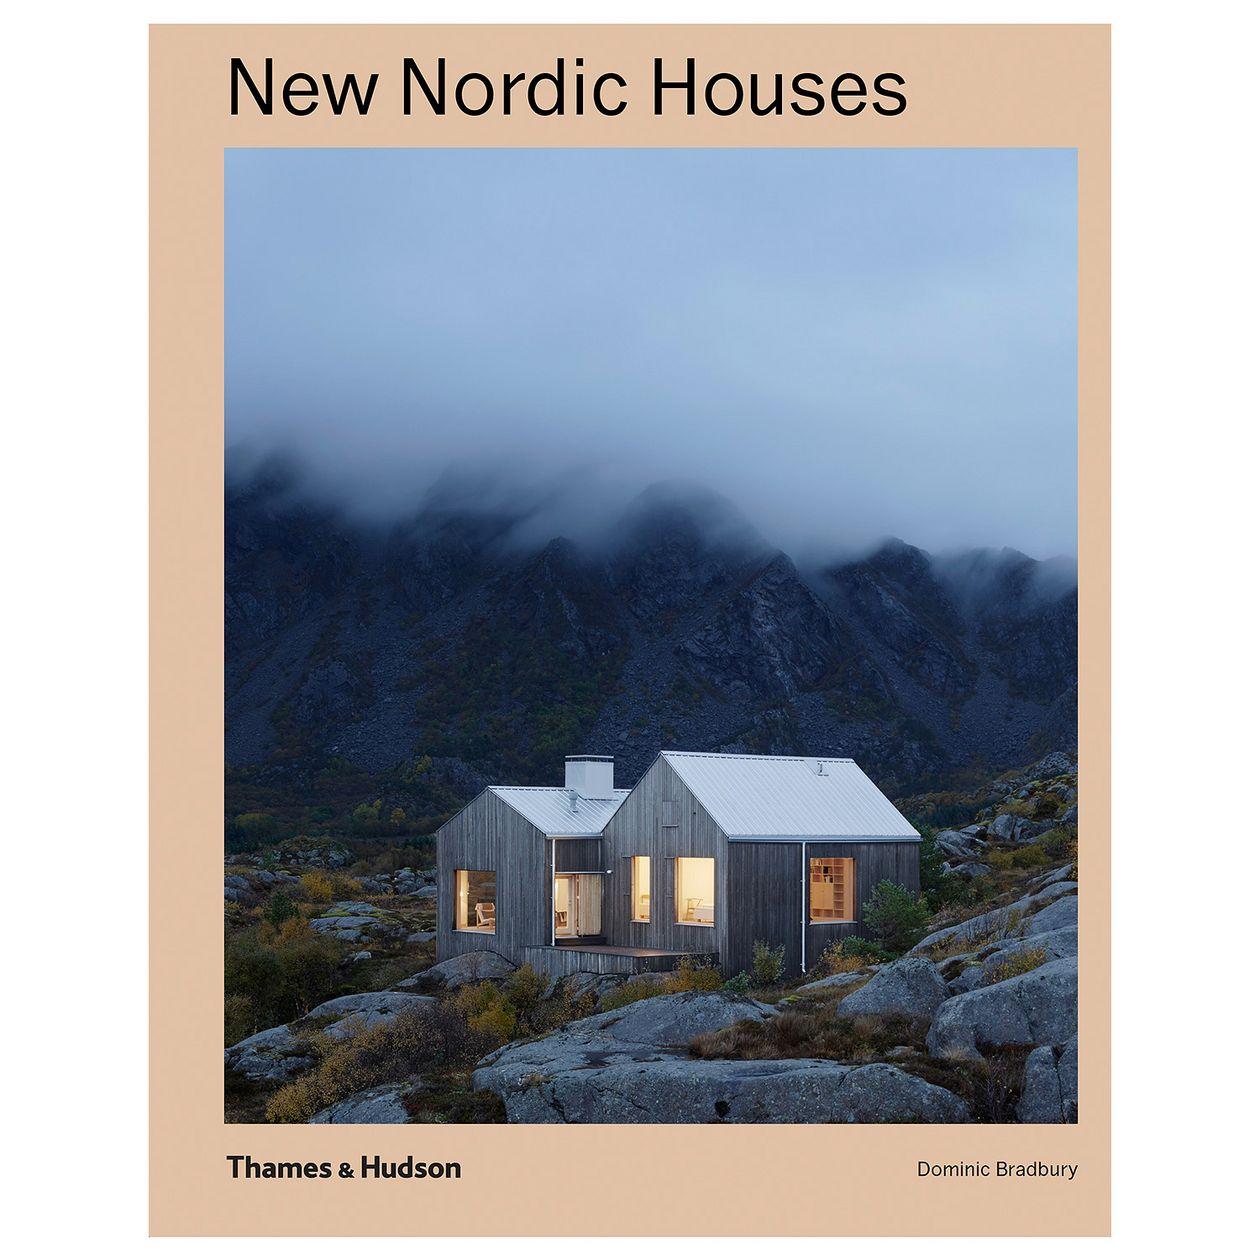 Thames & Hudson: New Nordic Houses